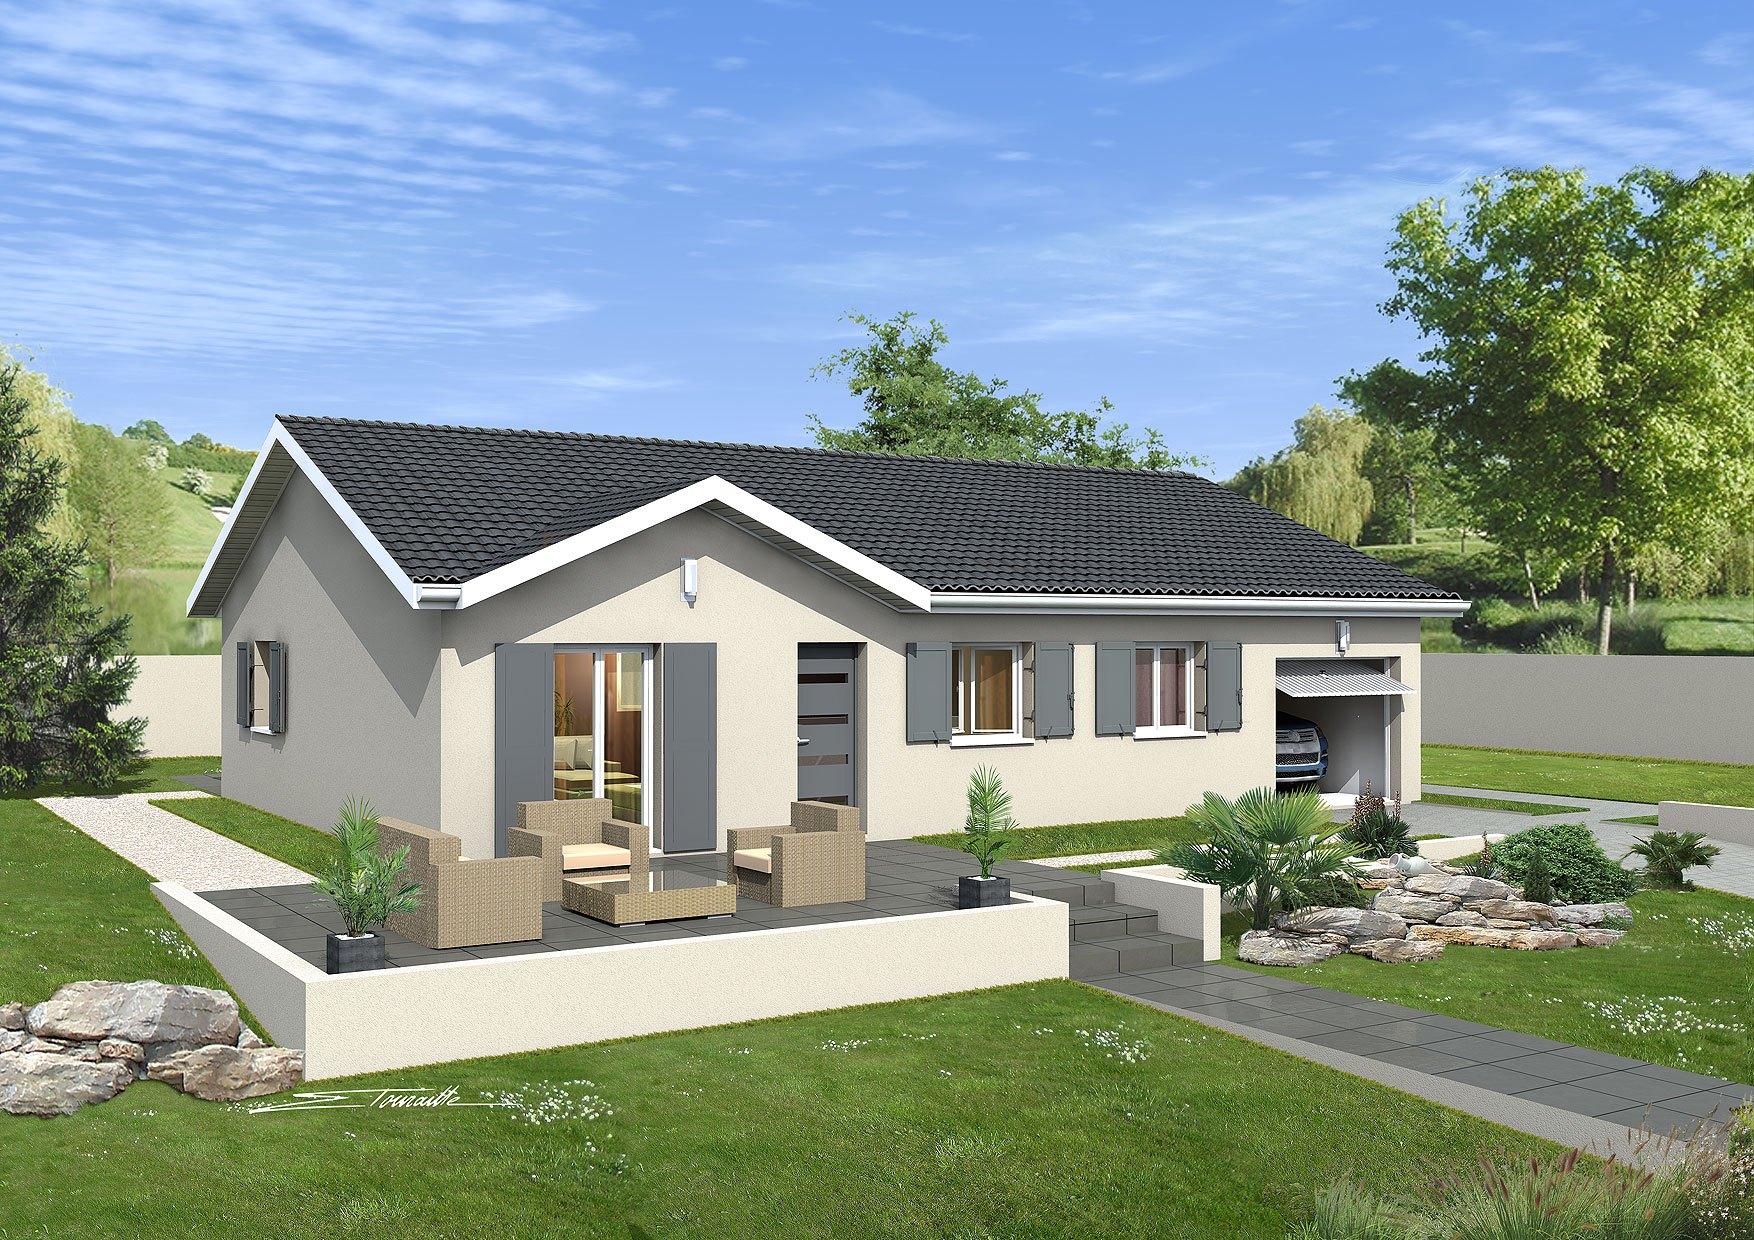 Maisons + Terrains du constructeur MAISONS PUNCH • 89 m² • LA CHAPELLE DE GUINCHAY